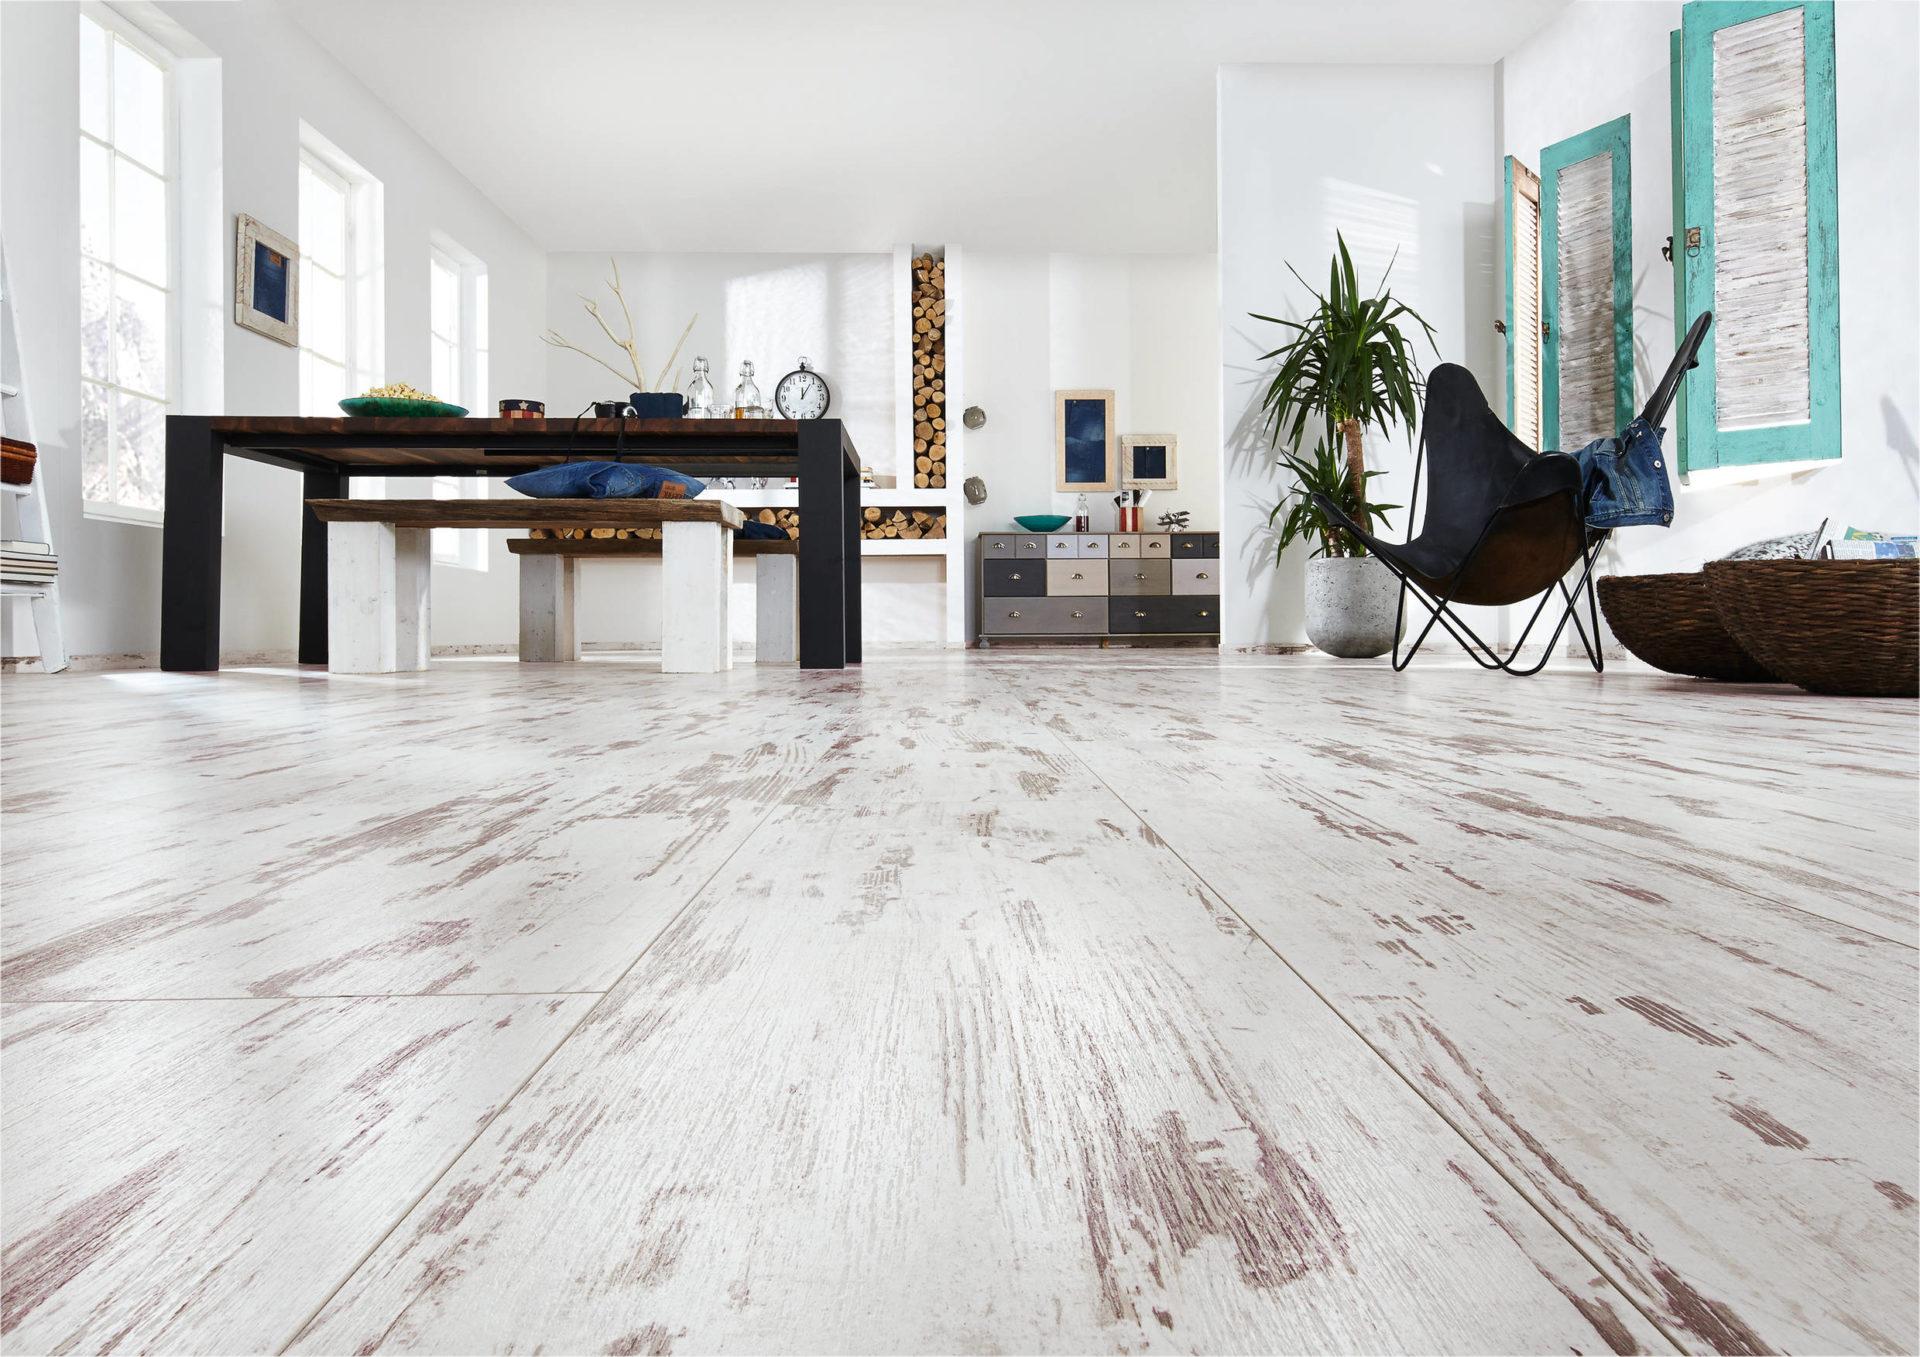 Fußboden Qualität ~ Fußboden oberkirch möhrle raum und idee